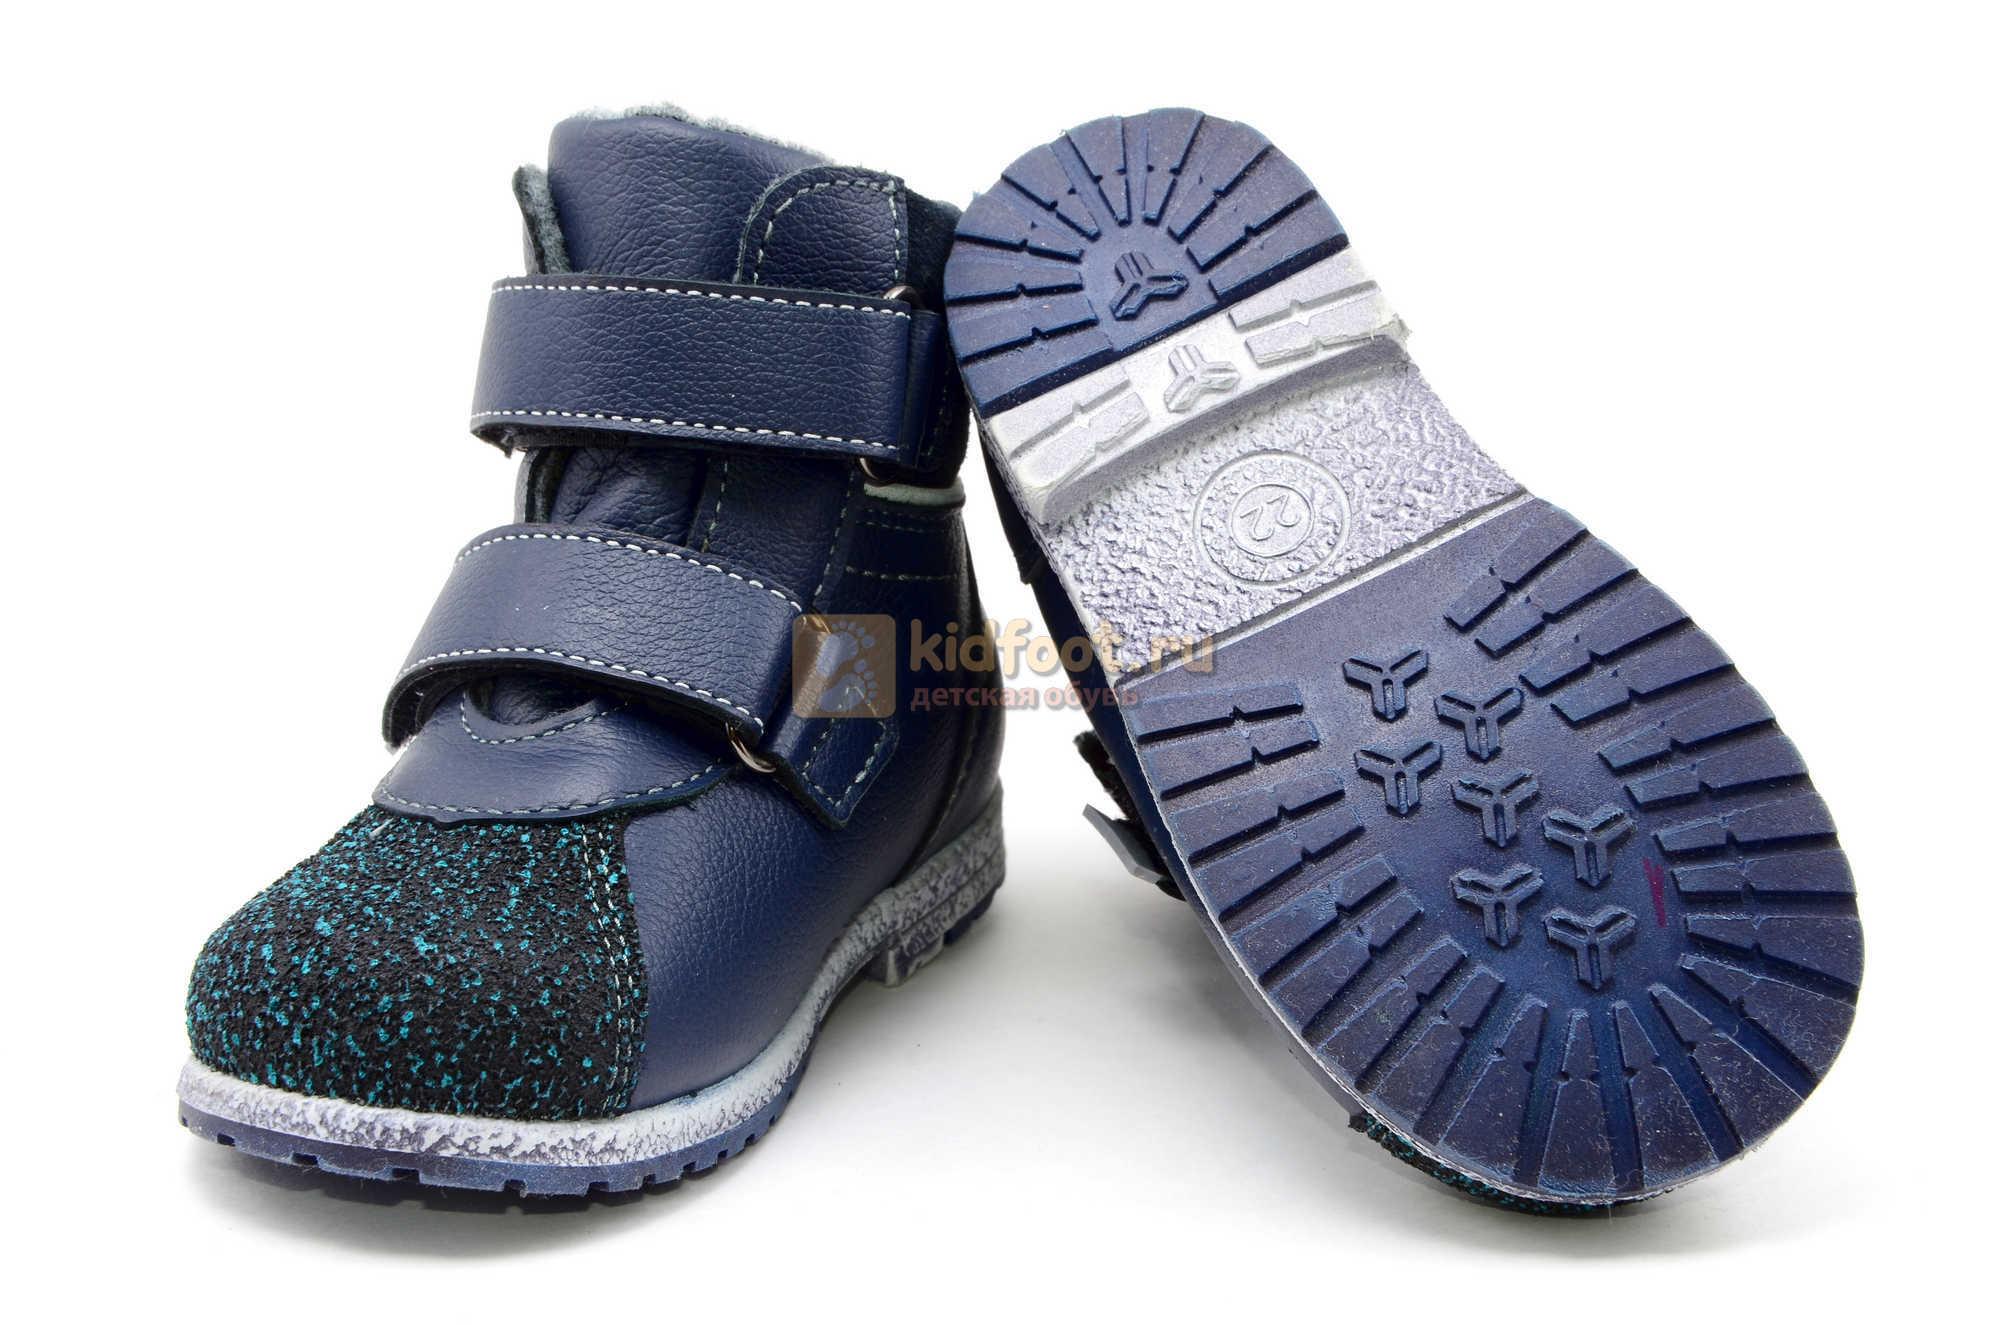 Ботинки для мальчиков Лель (LEL) из натуральной кожи на байке на липучках цвет синий